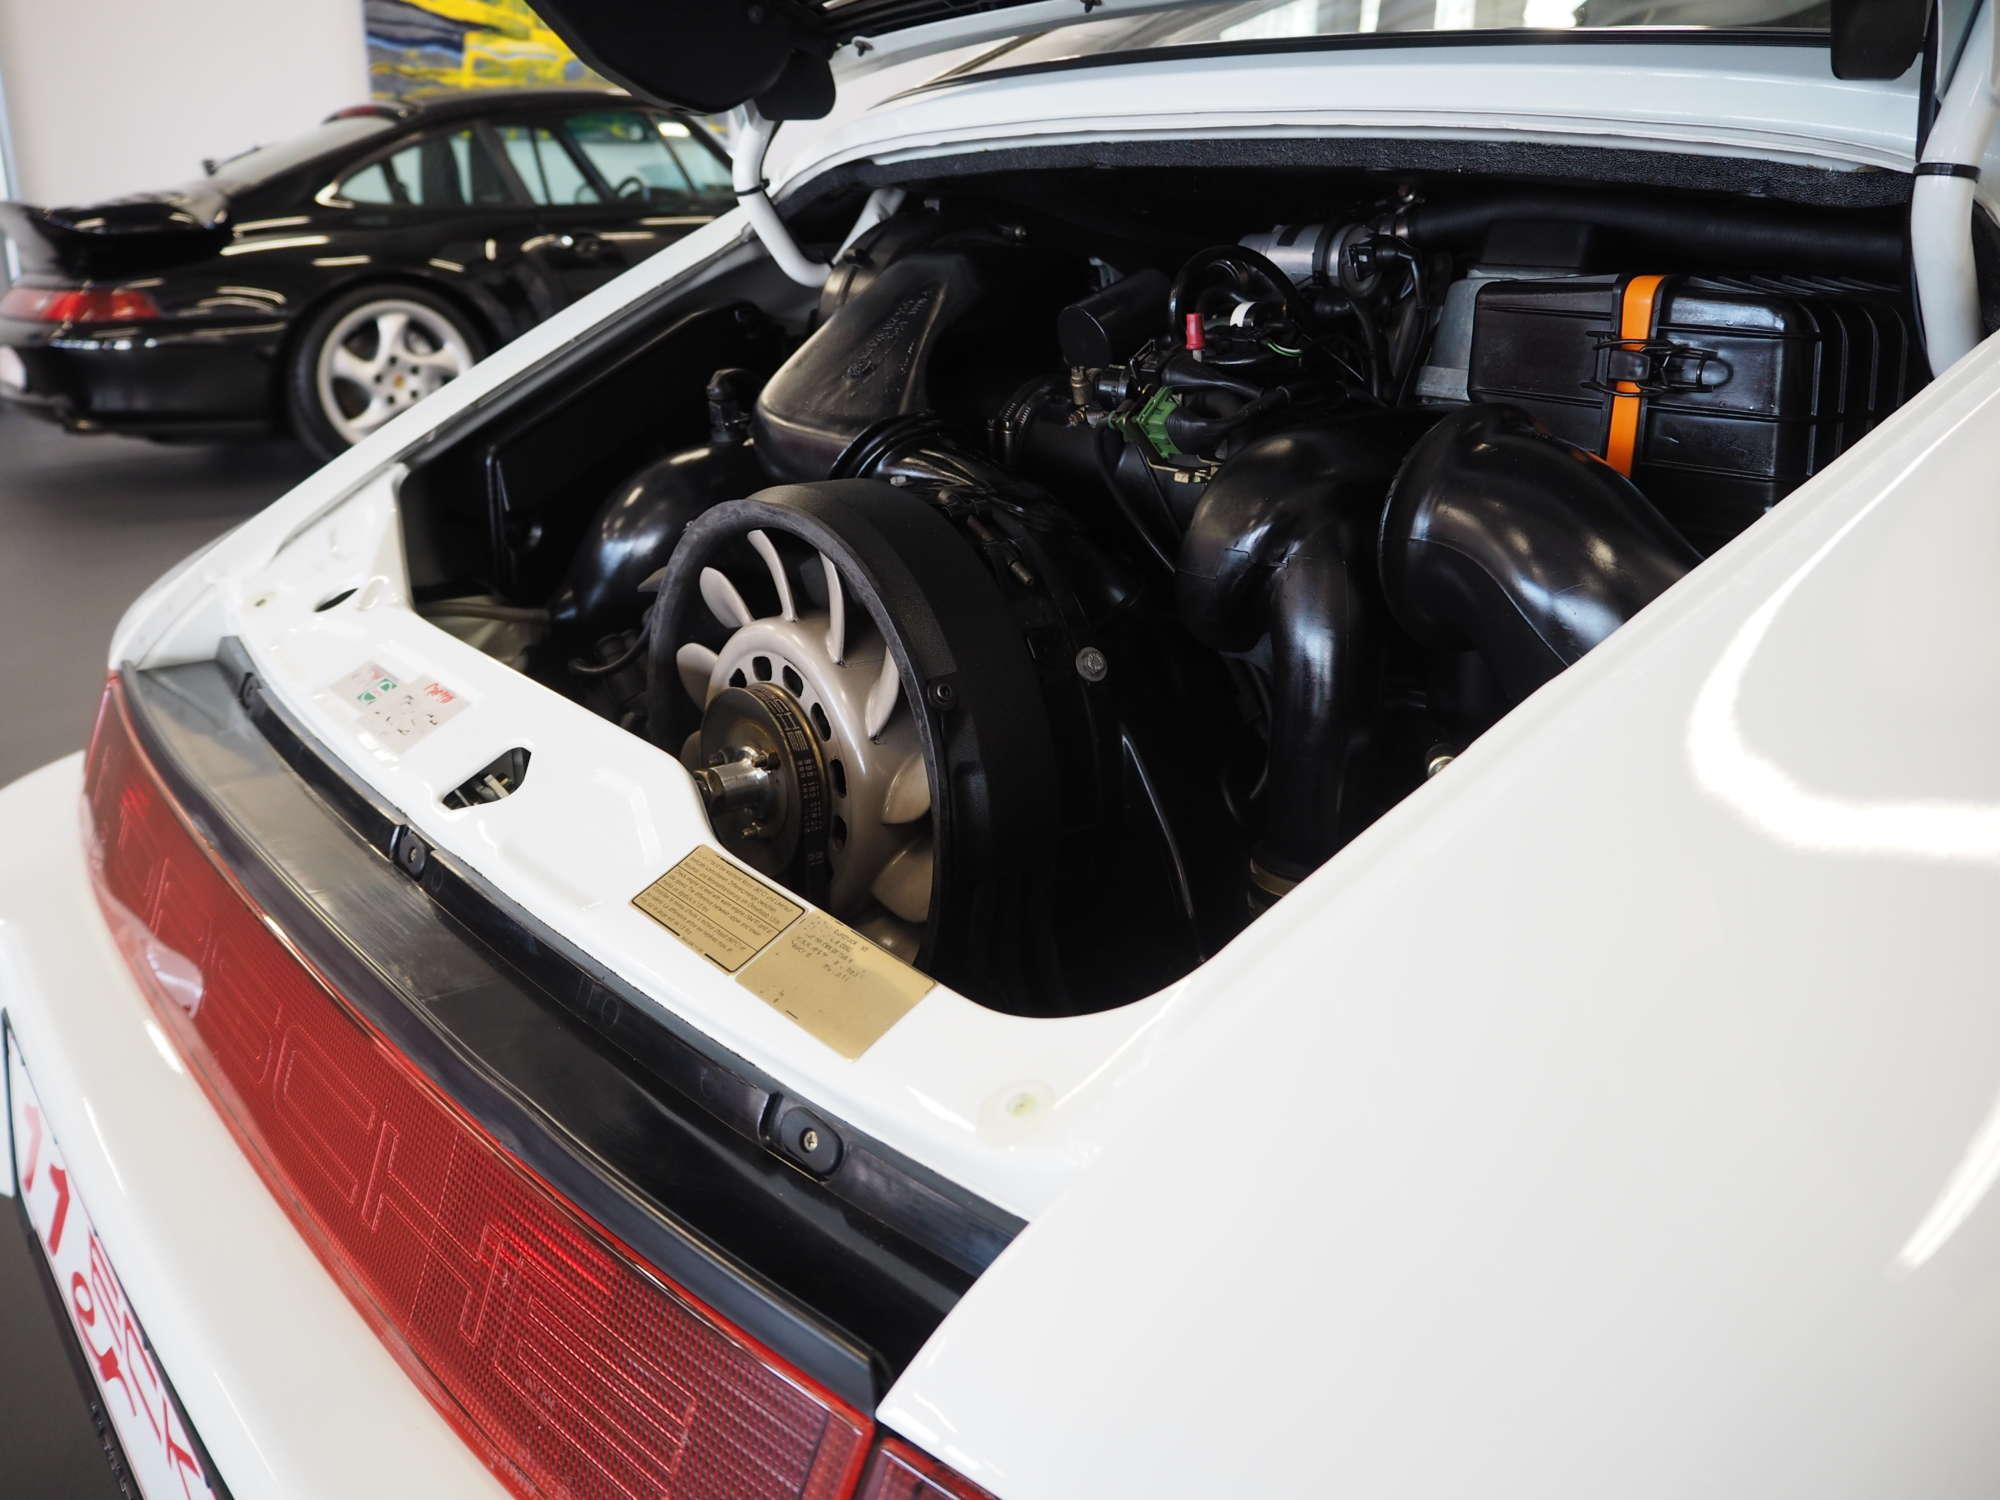 Porsche 911 Carrera RS 1992 engine bay Motorraum